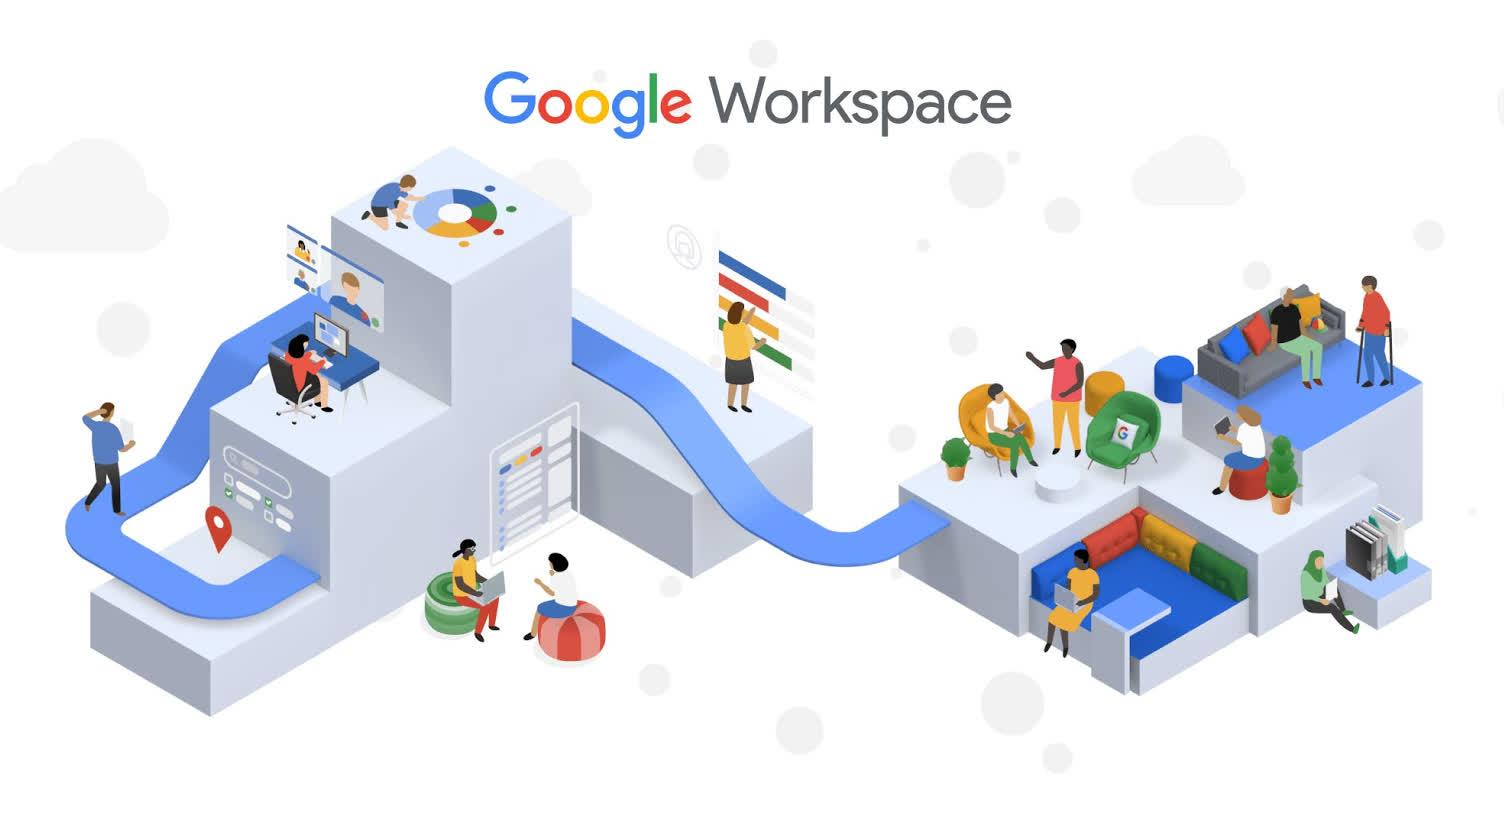 Google Workspace artwork